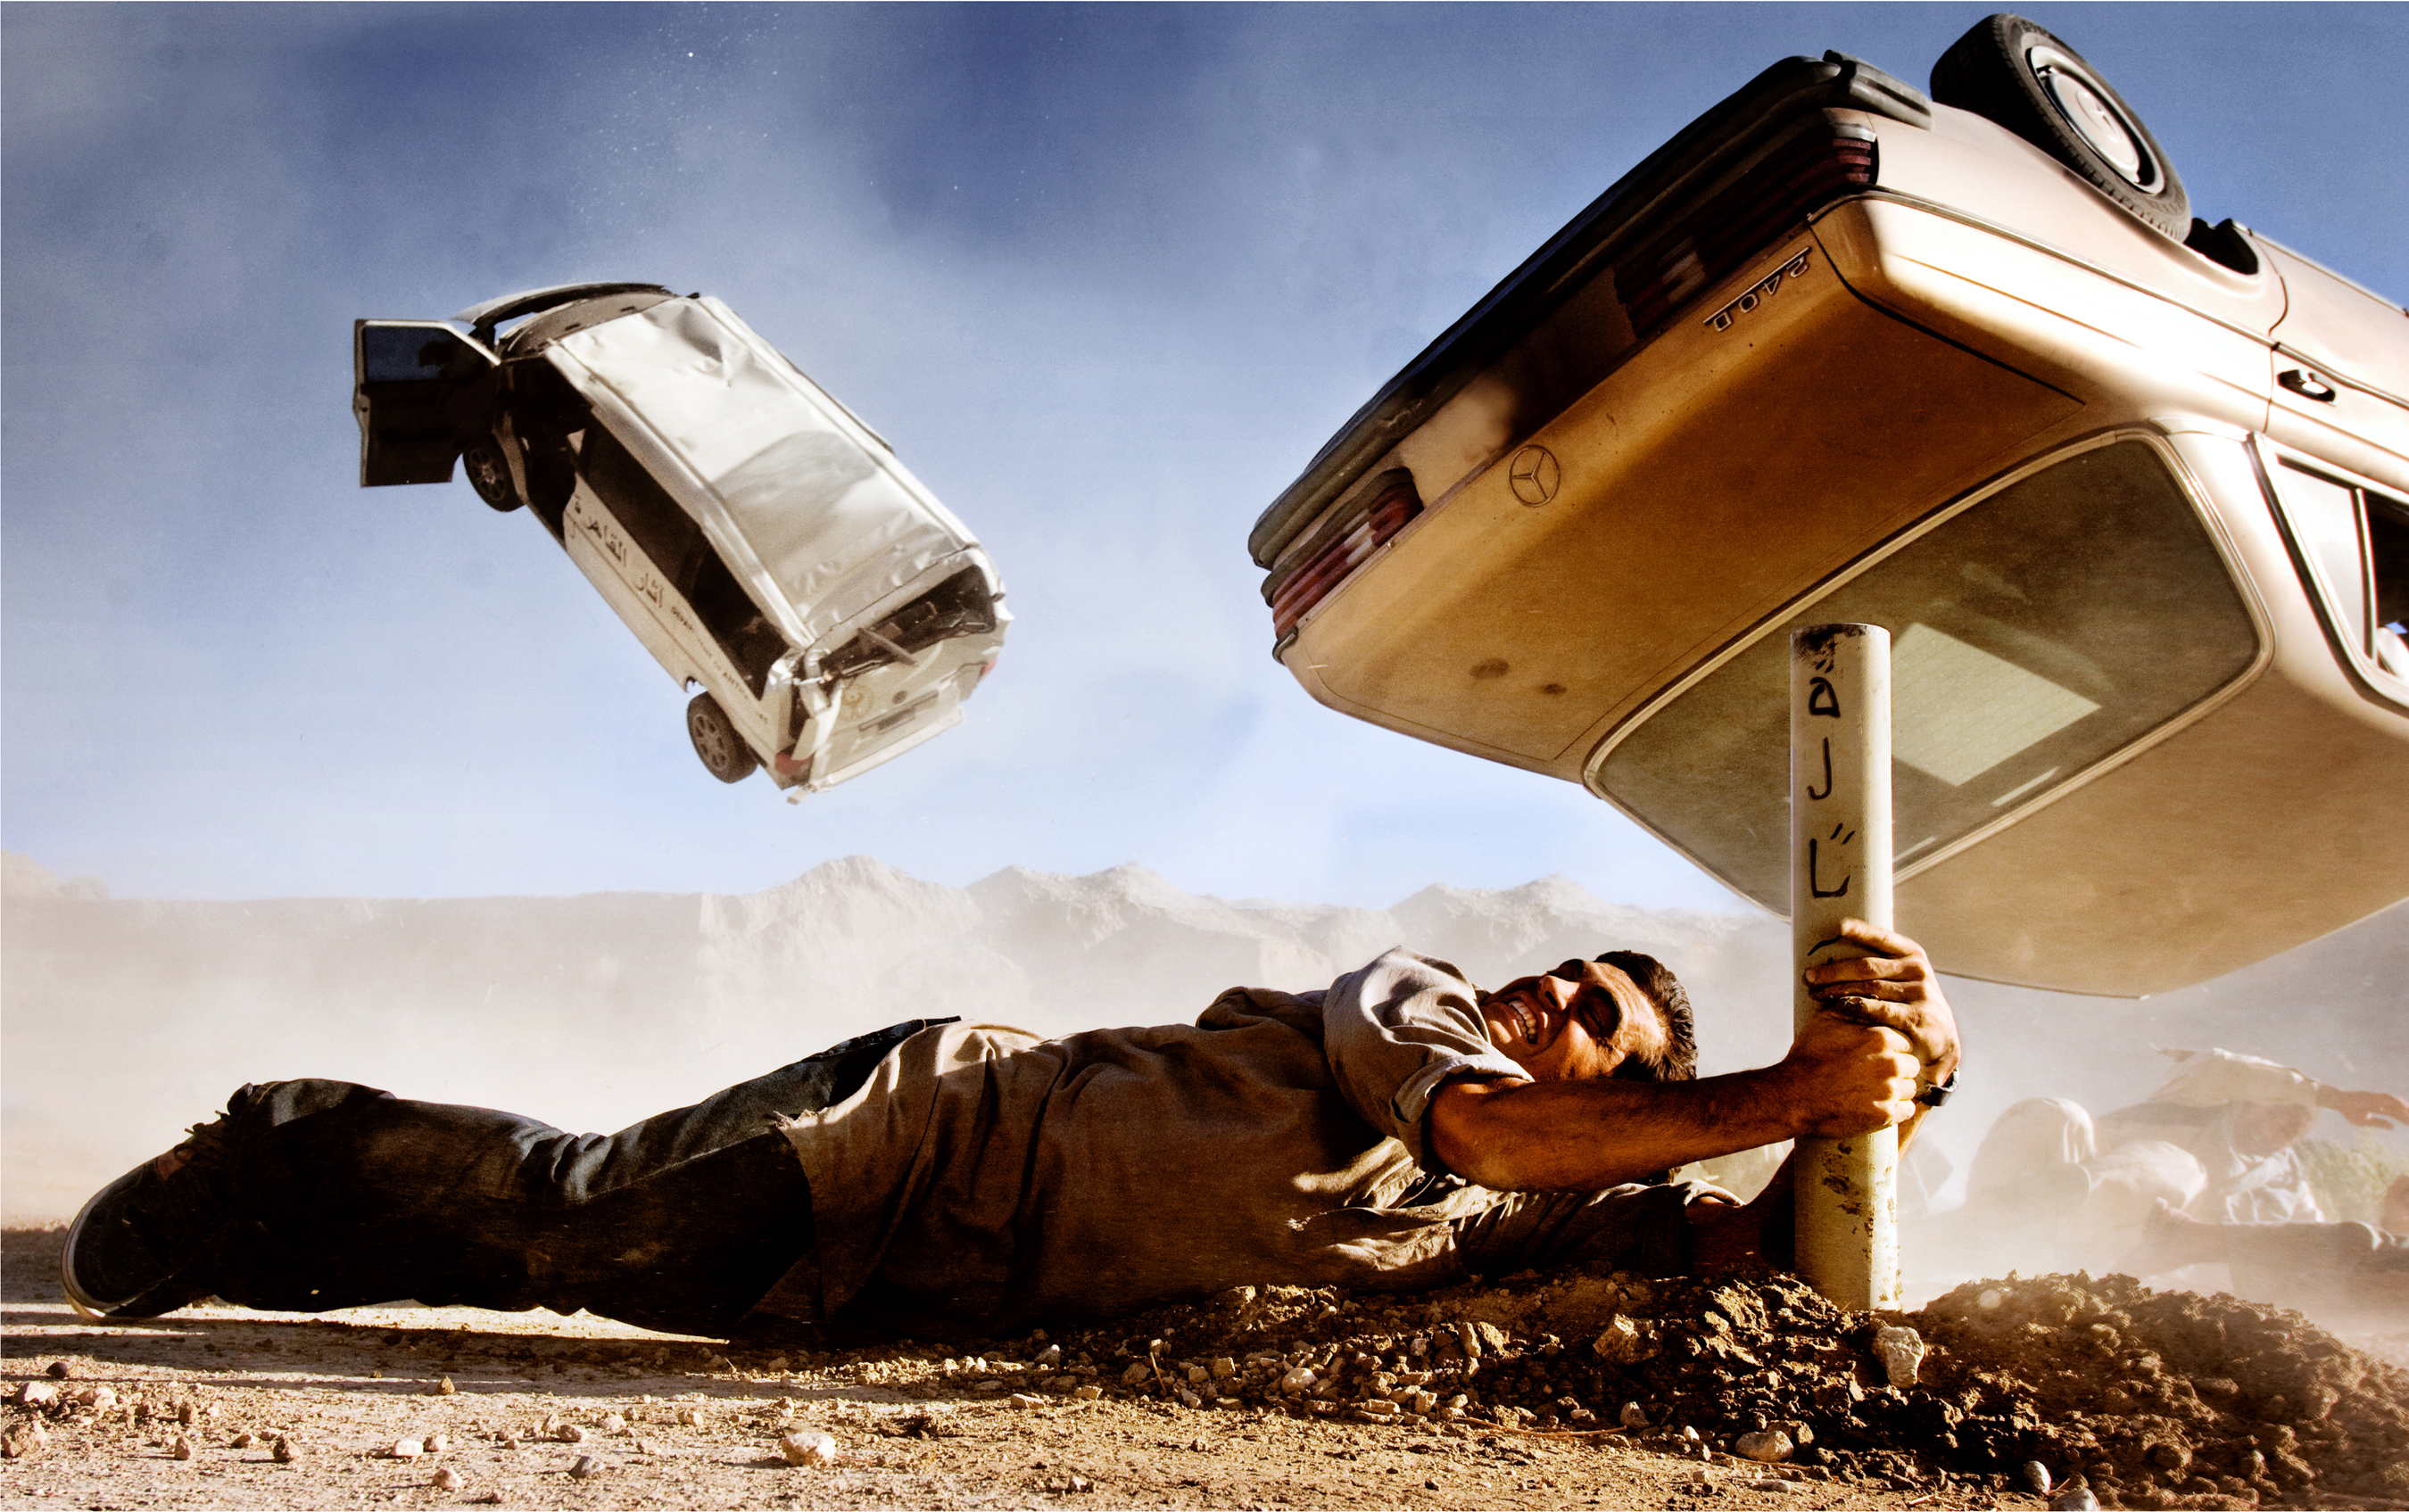 Новое фото кадров из фильма Трансформеры 2.